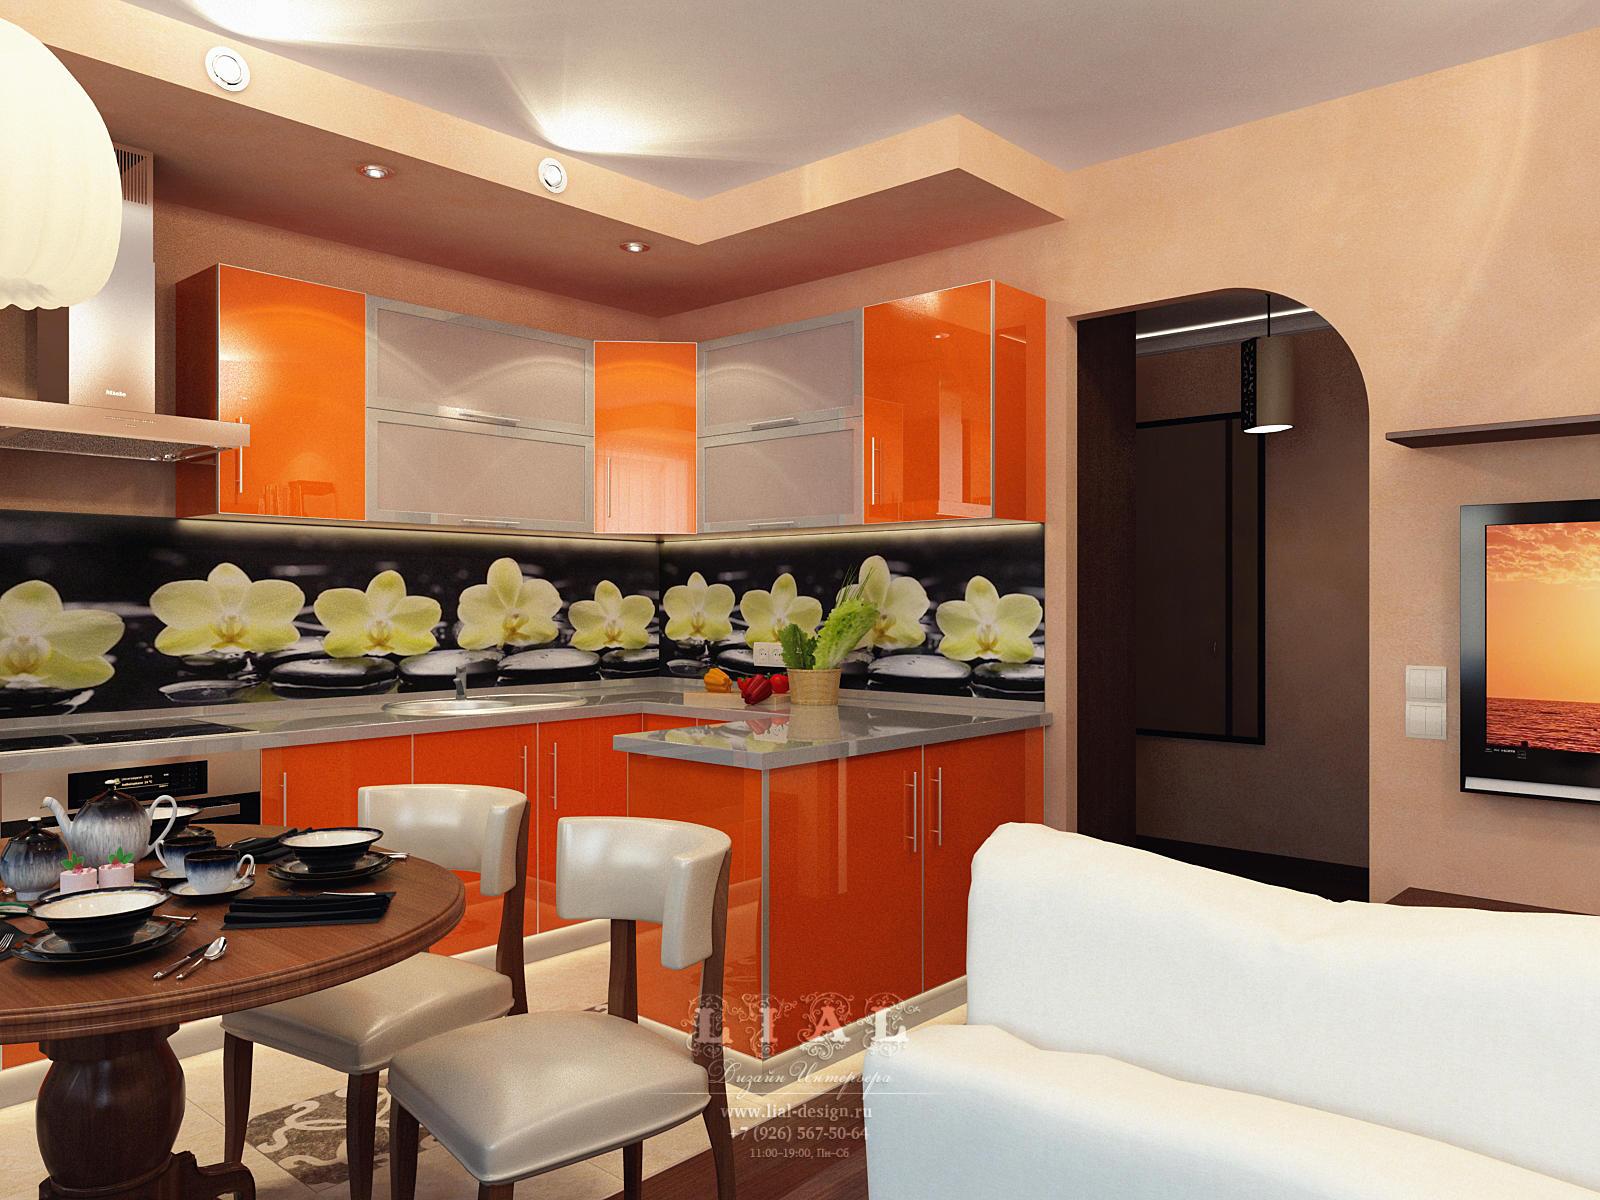 Дизайн кухни в квартире: фото 2016